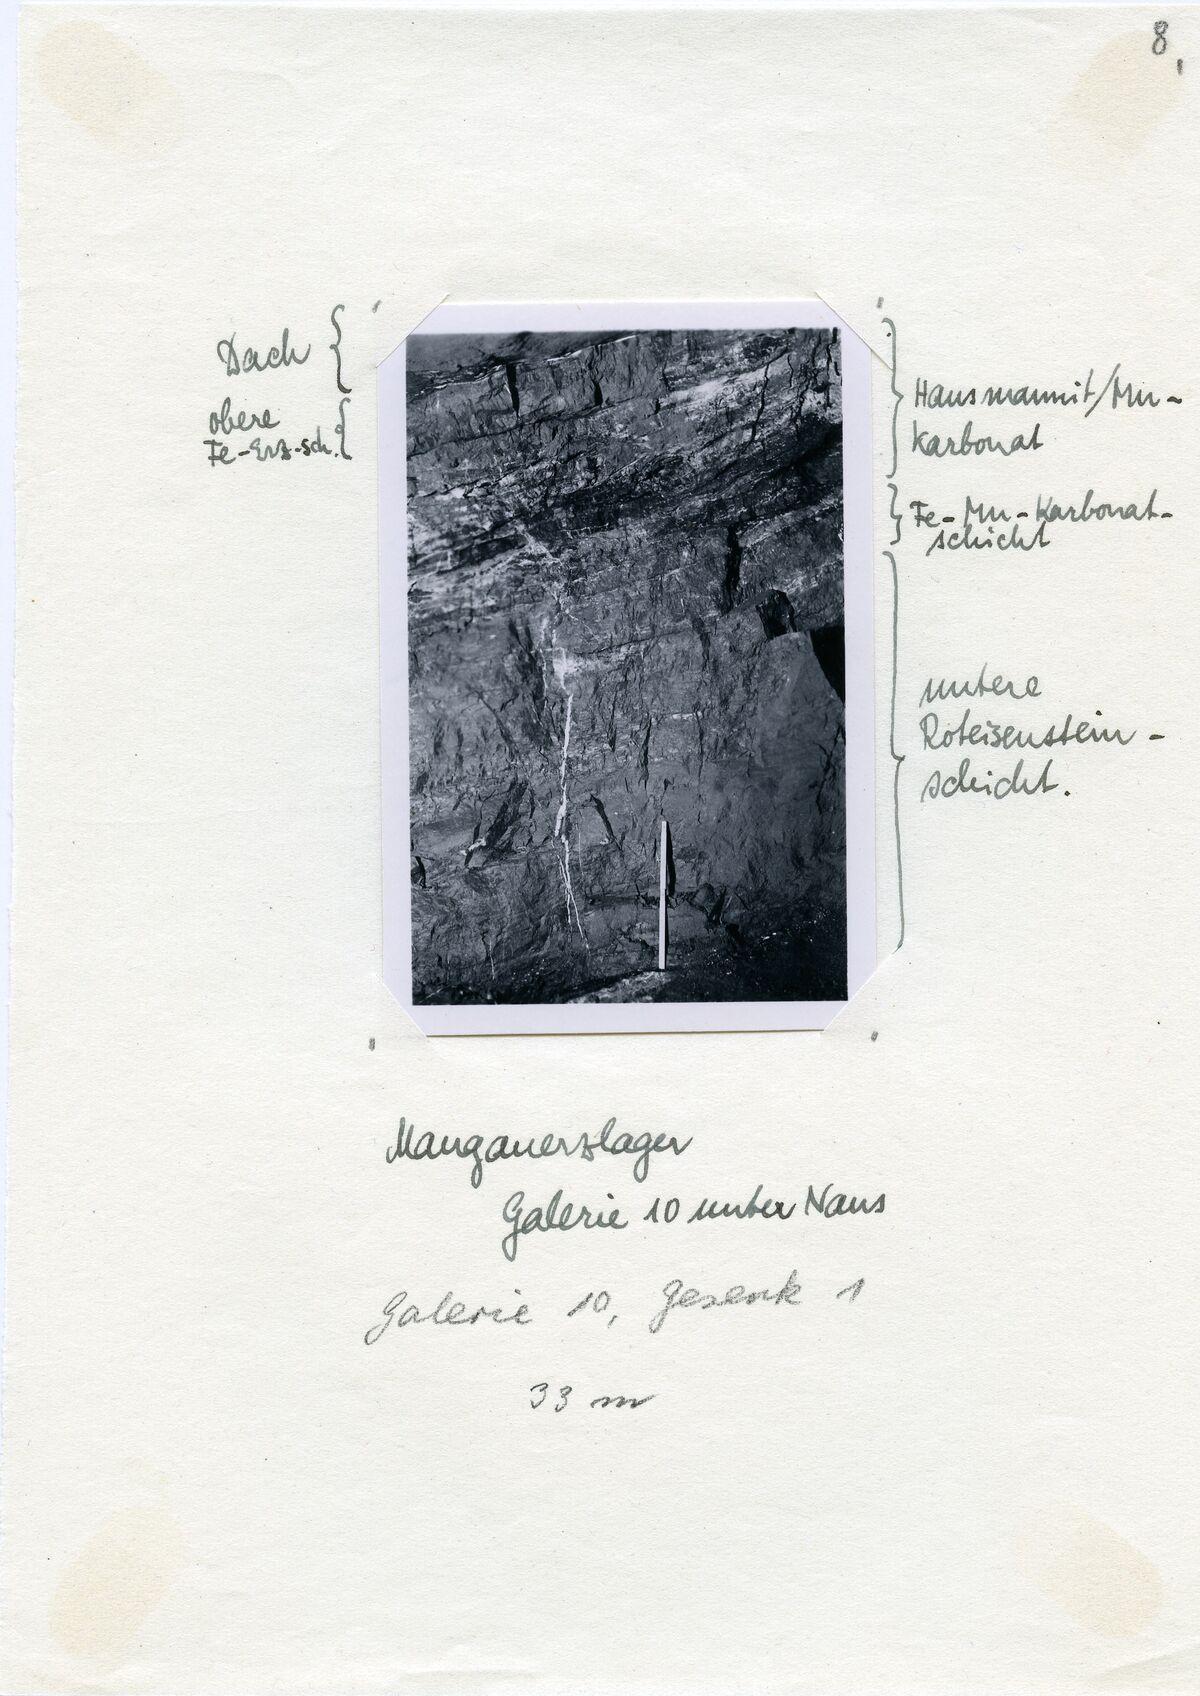 EBA 2/321.33: Gonzen, Bergwerksaufnahmen unter Tage